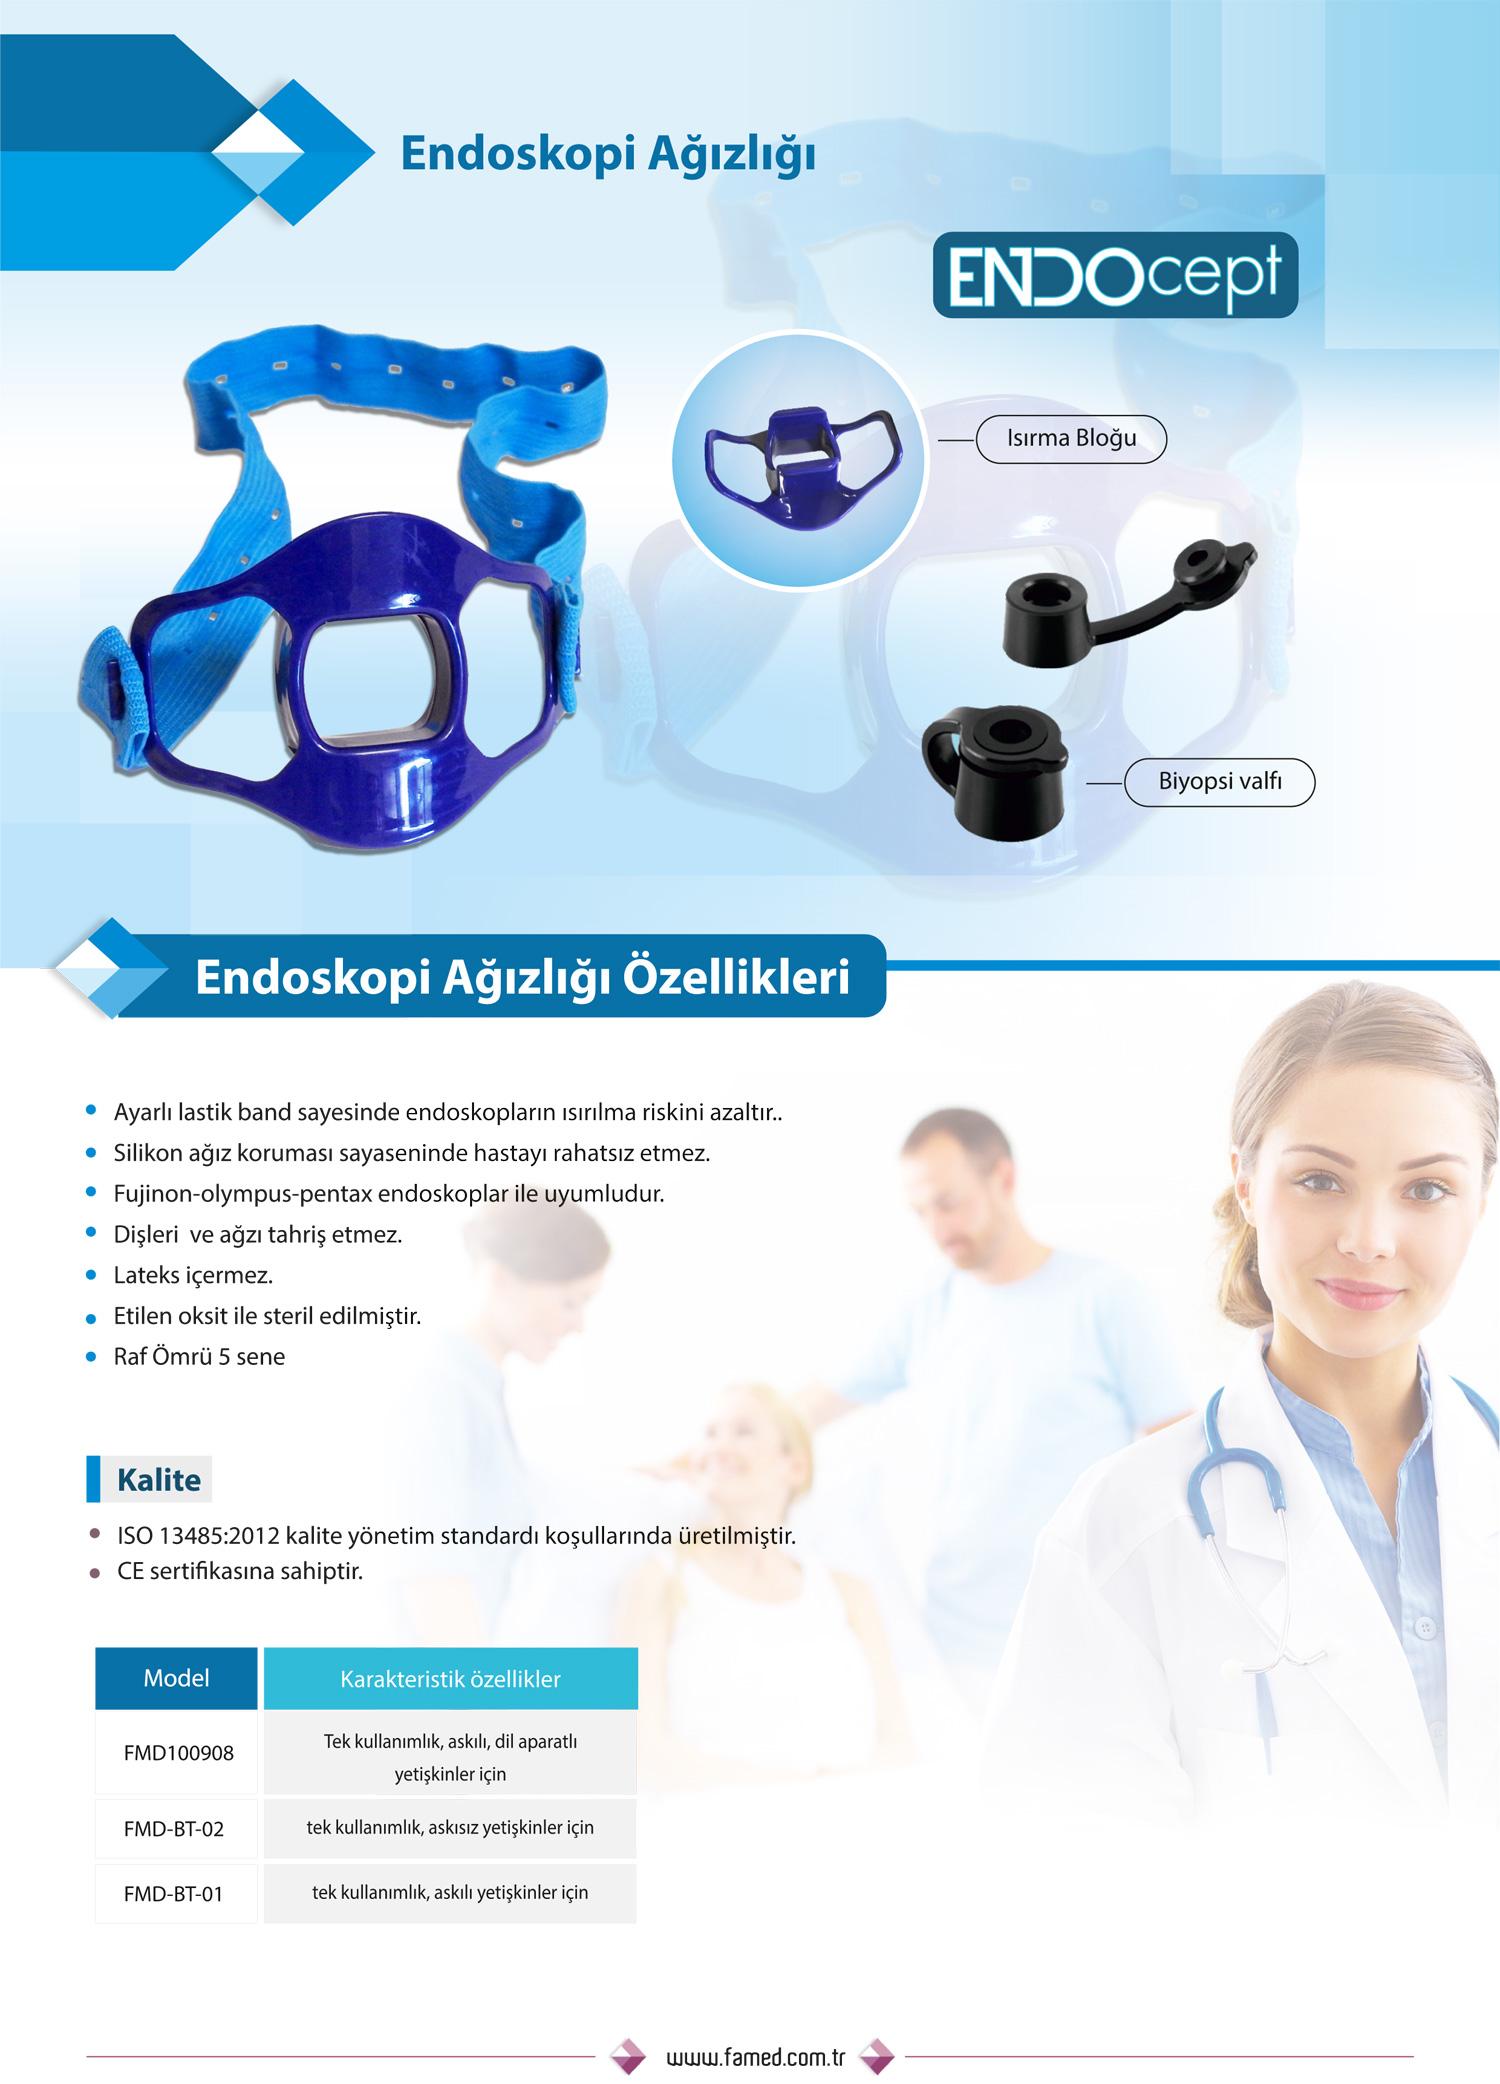 Endoskopik Ağızlık